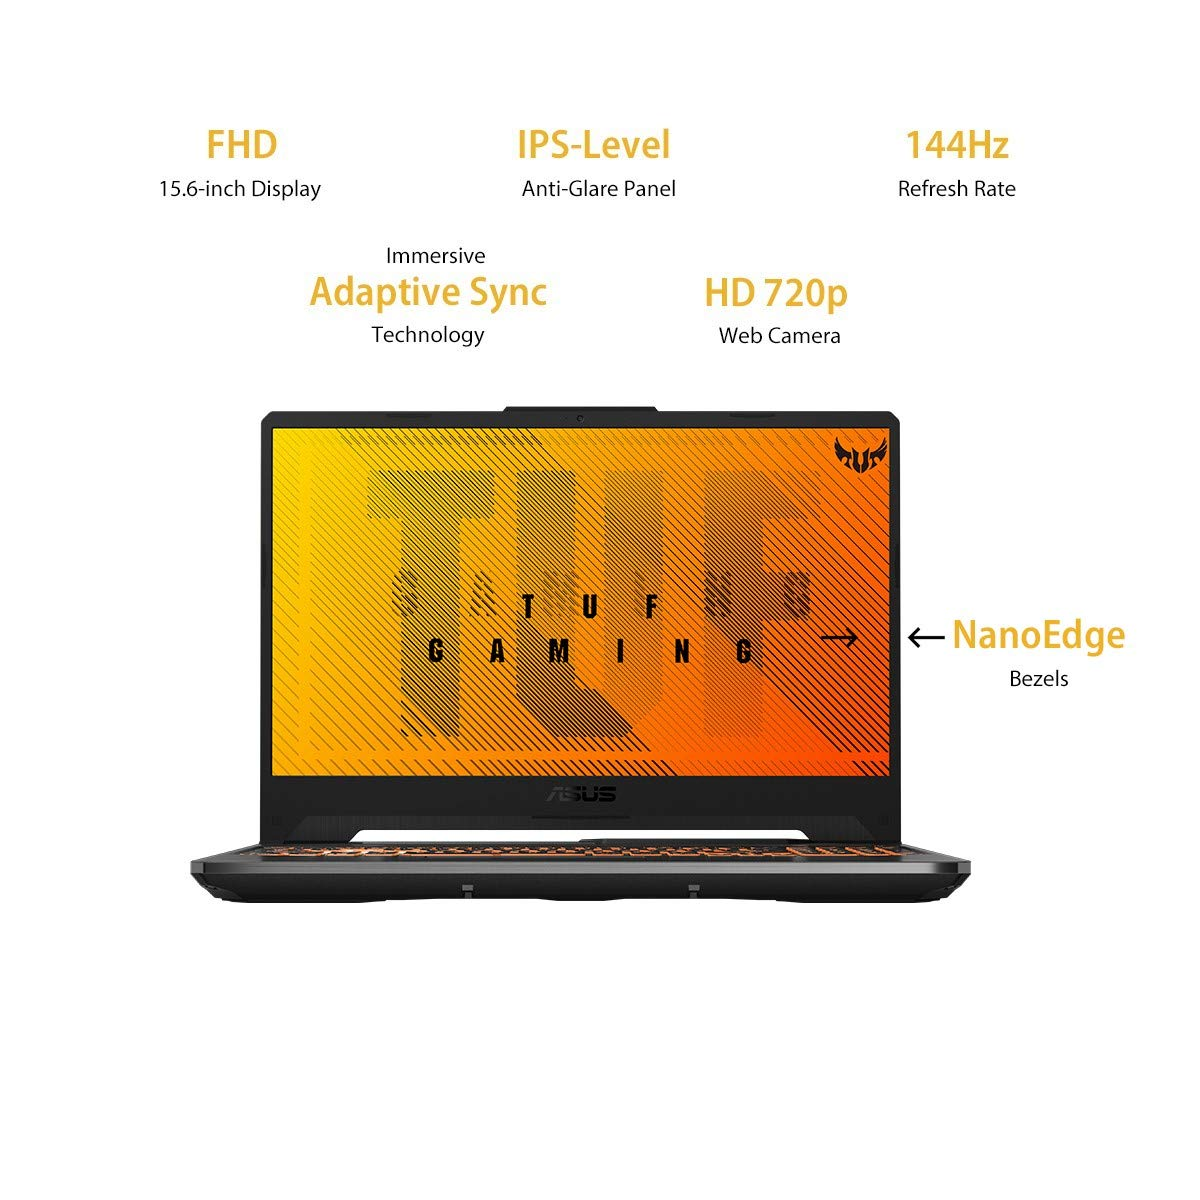 ASUS TUF Gaming A15 Laptop